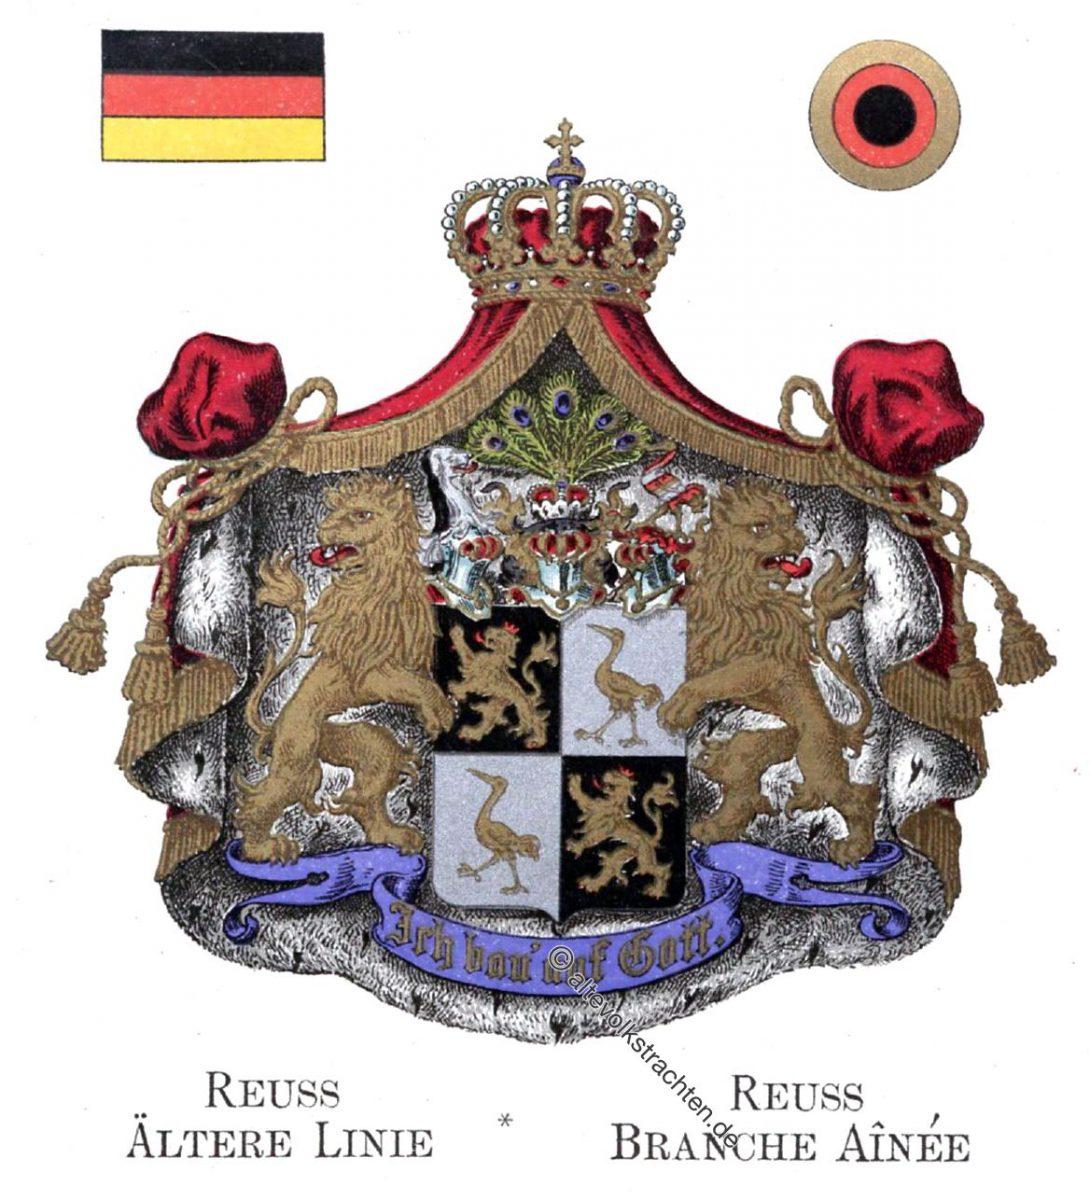 Reuss Ältere Linie, Staatswappen, Wappen, Heraldik, Deutschland, Landesflaggen, Cocarden,